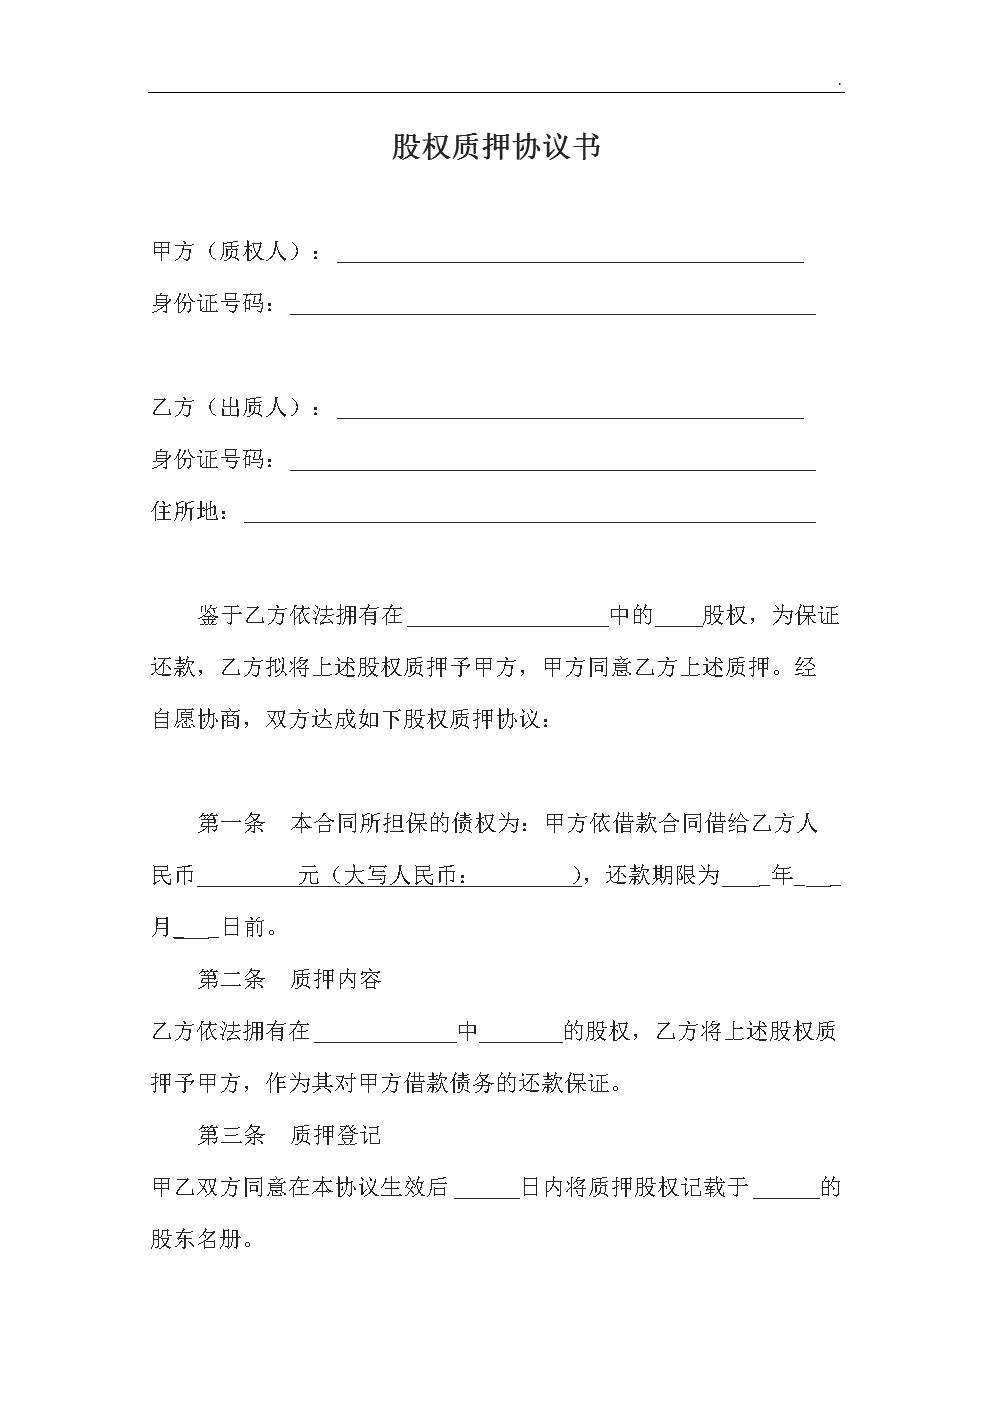 股权质押协议书(模板)word.doc图片